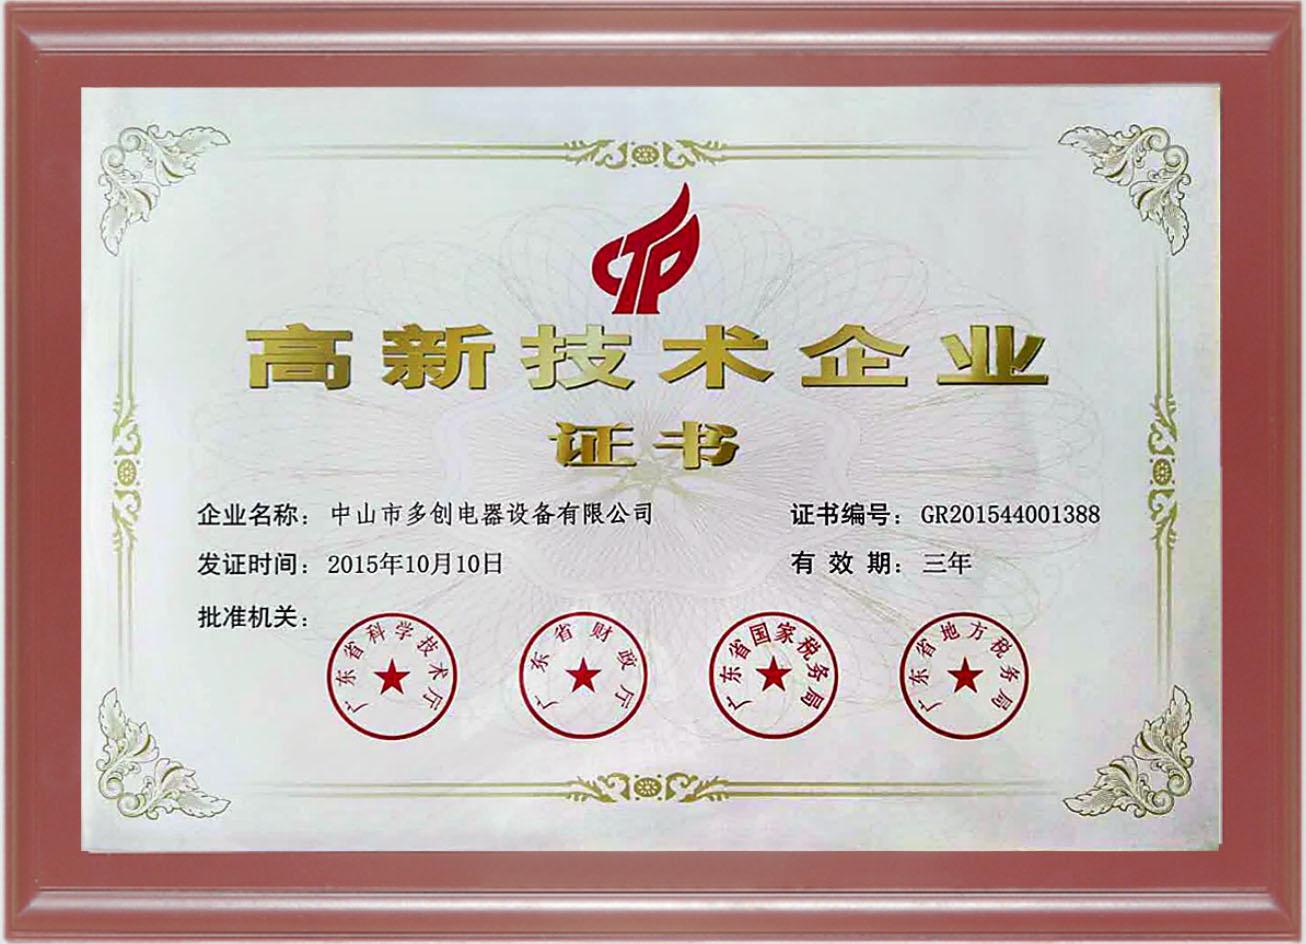 四川蒸饭柜荣誉证书